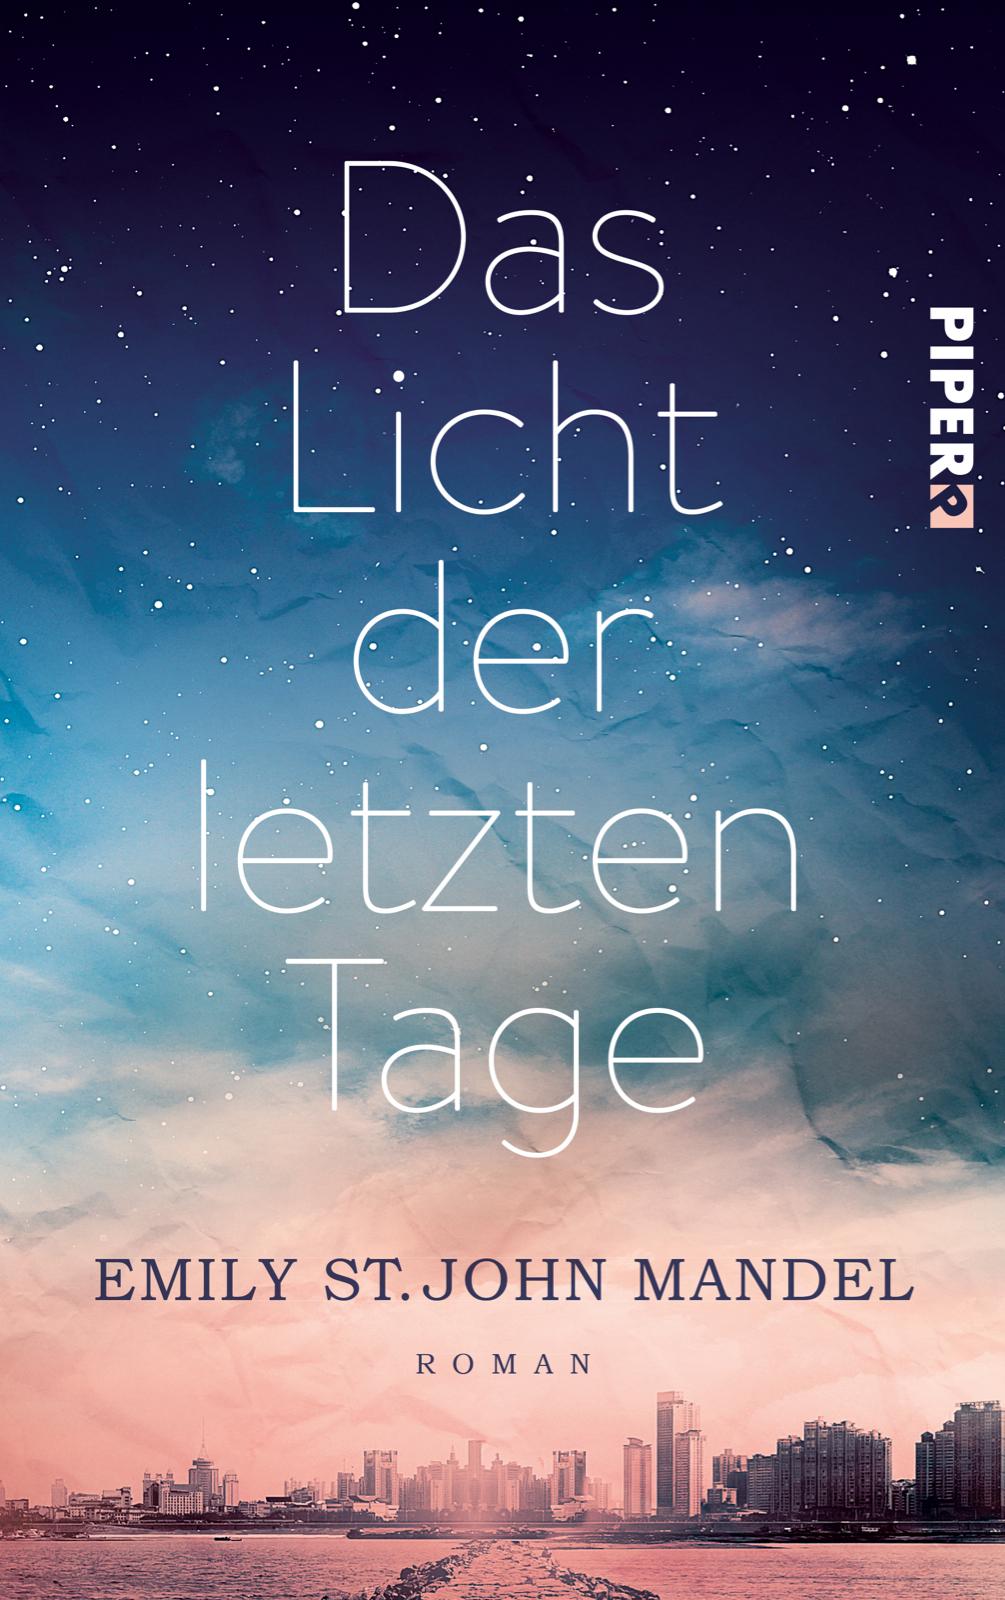 Das Licht der letzten Tage von Edna St. John Mandel